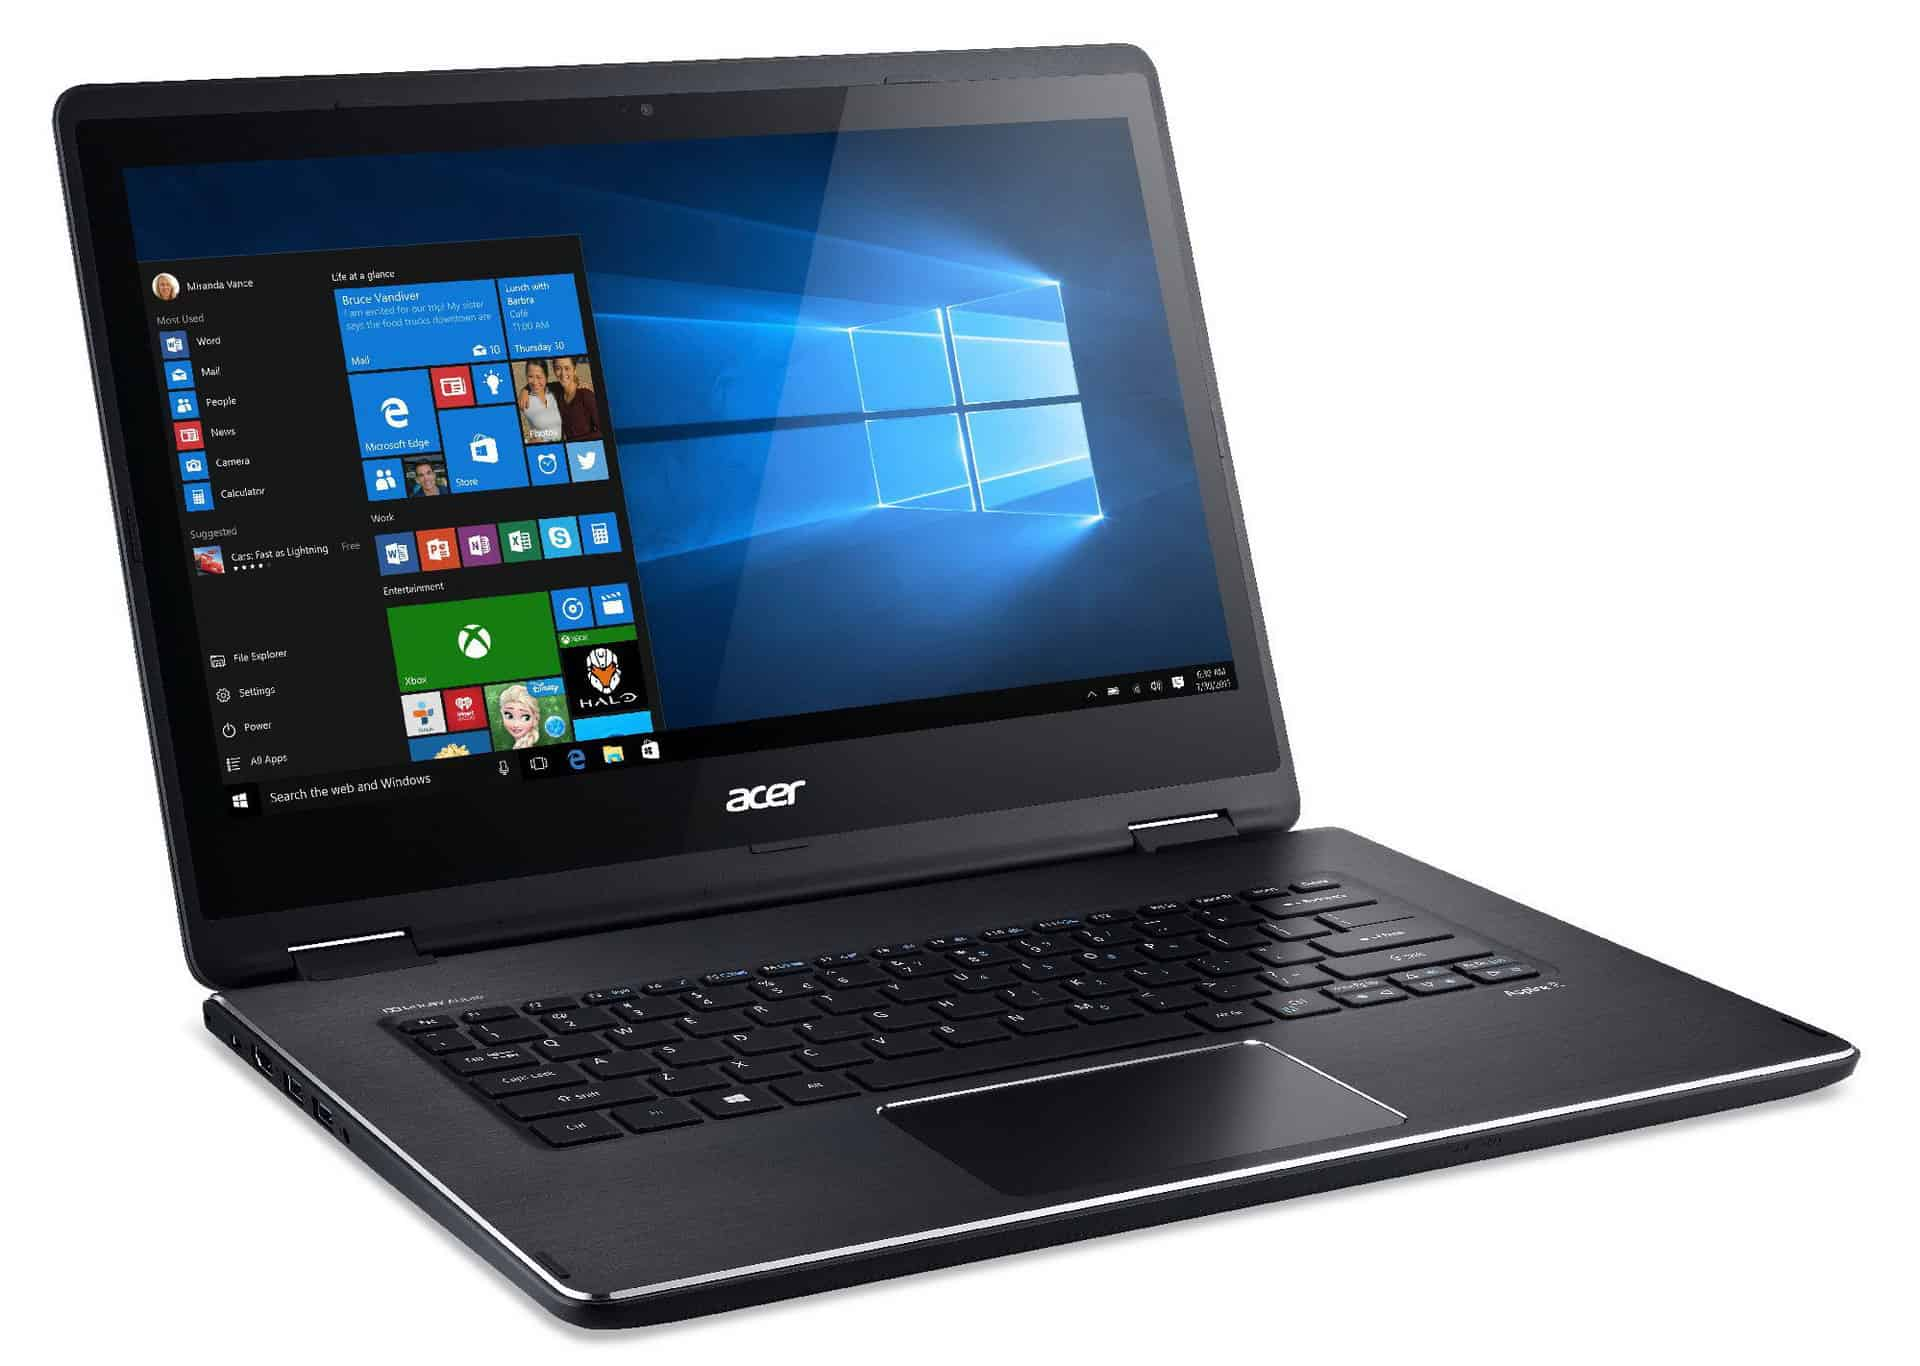 Acer Aspire Cloudbook R5-471T-505E - laptop 2 in 1 de ultima generatie!